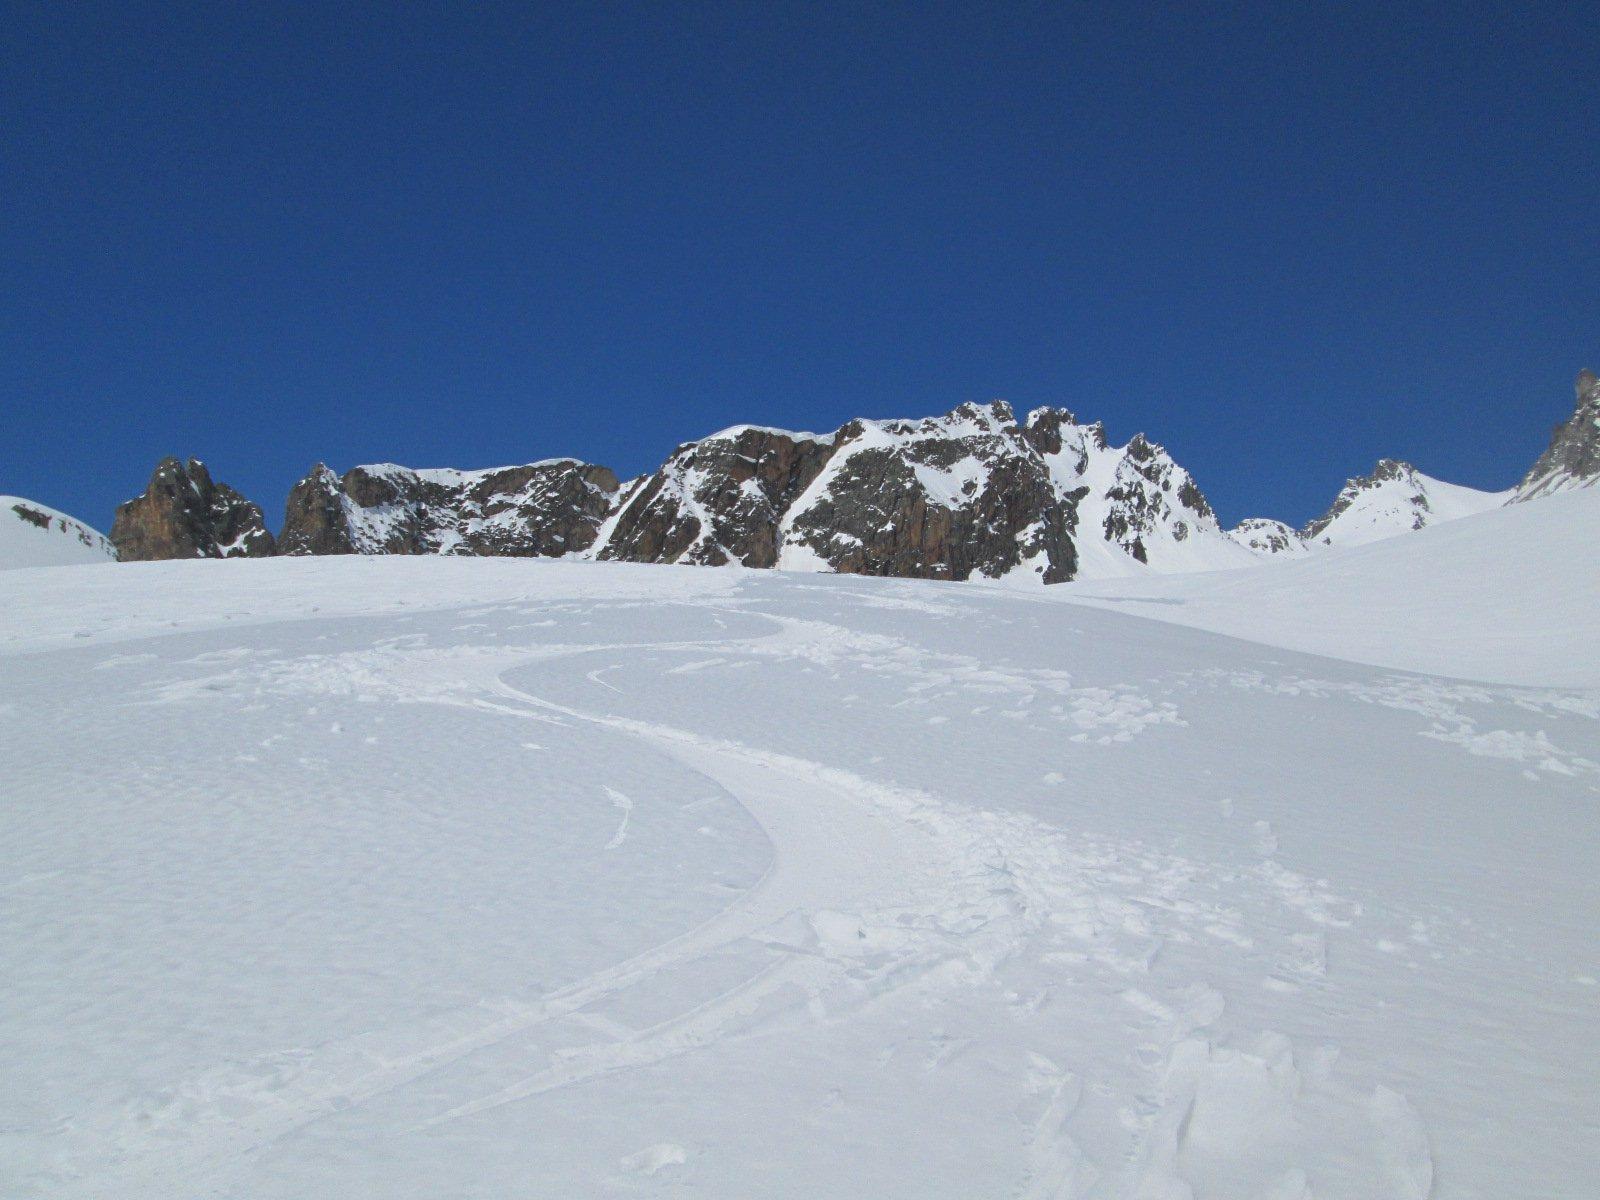 bella neve nella parte centrale